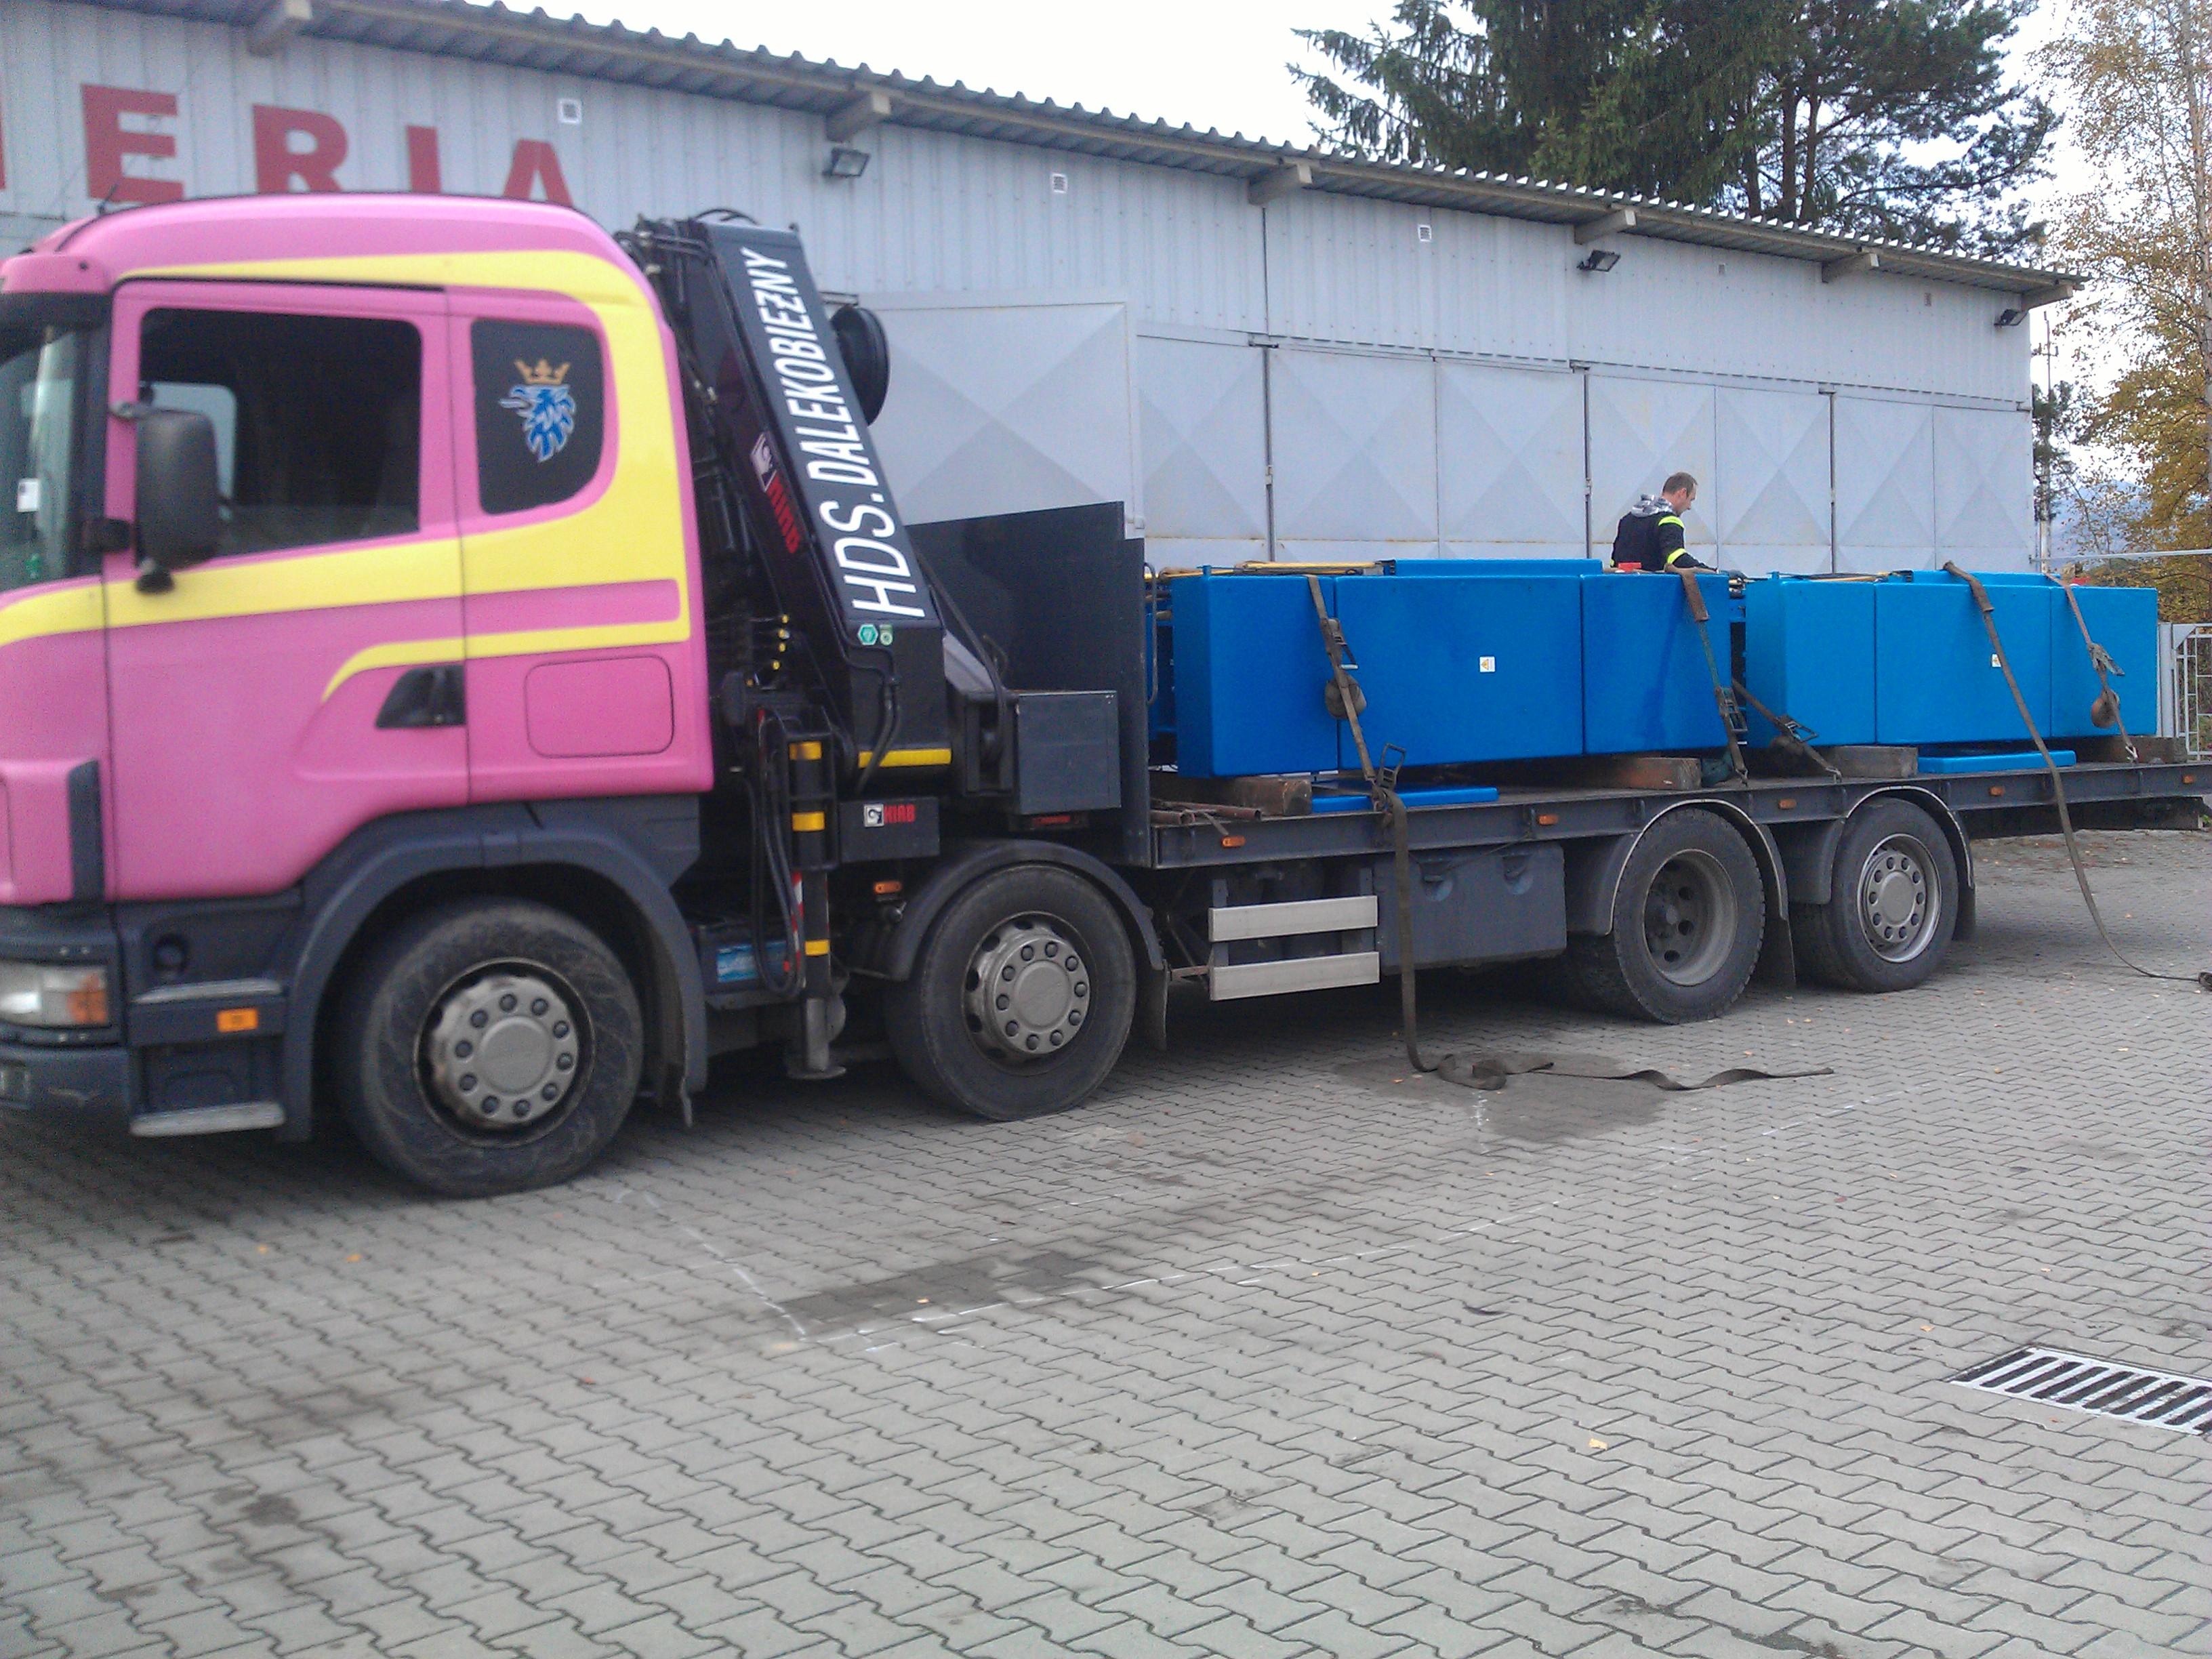 Prasy hydrauliczne PHM 160 transportowane na leżąco.